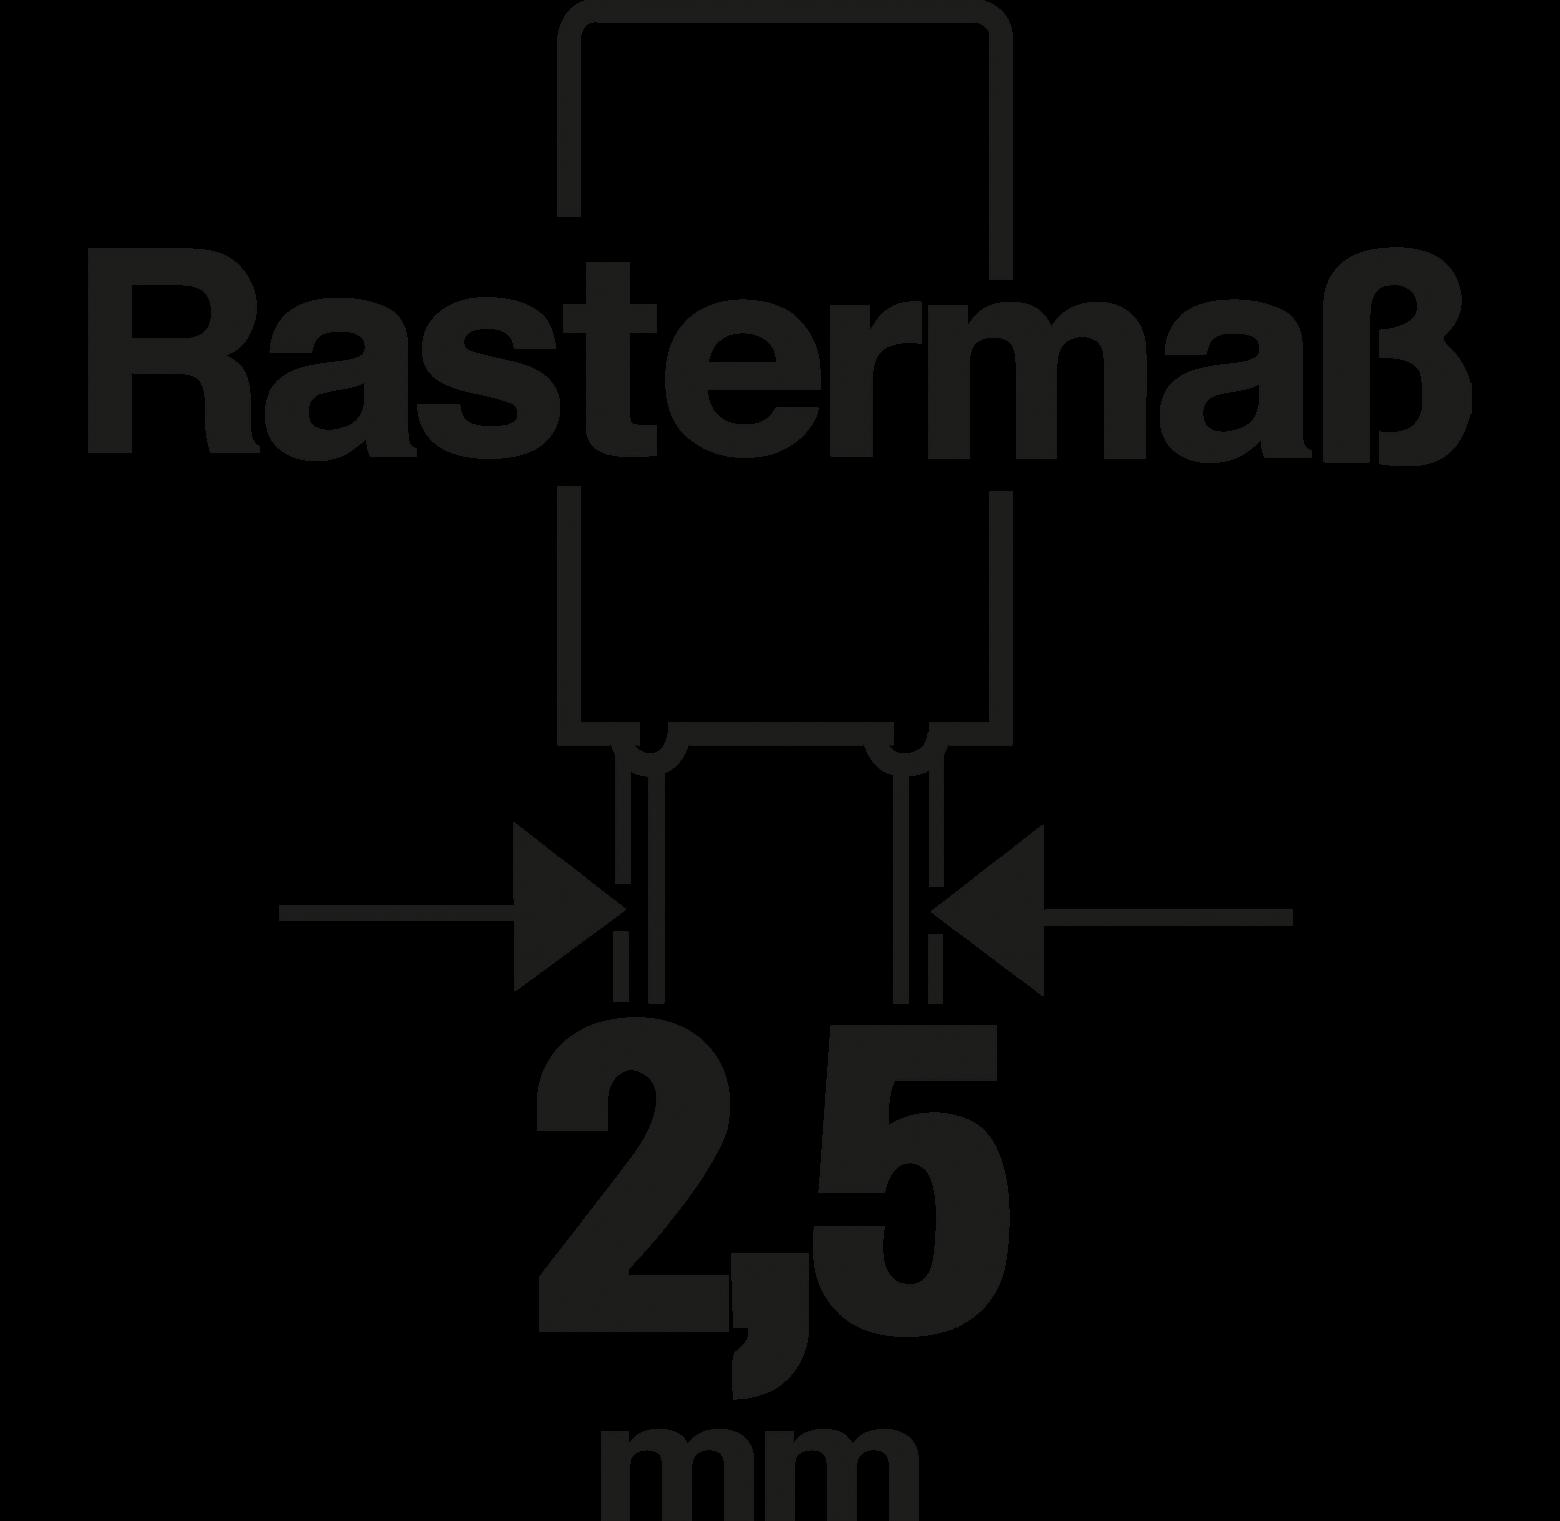 https://cdn-reichelt.de/bilder/web/xxl_ws/B300/RASTER2.png